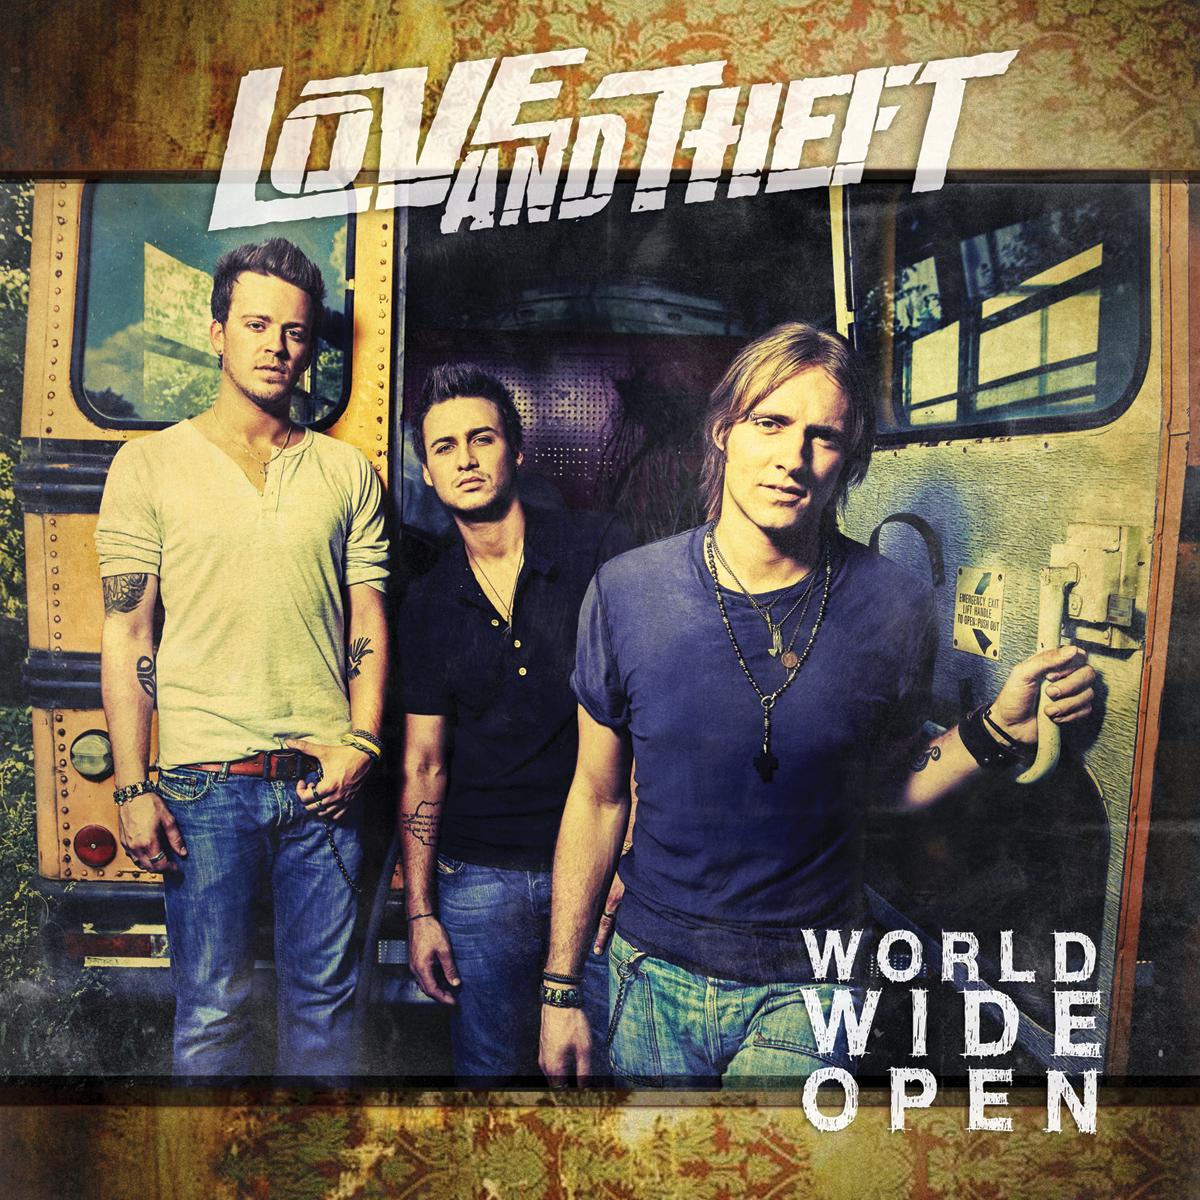 LoveTheft CD CVR MSTR 300dpi.jpg